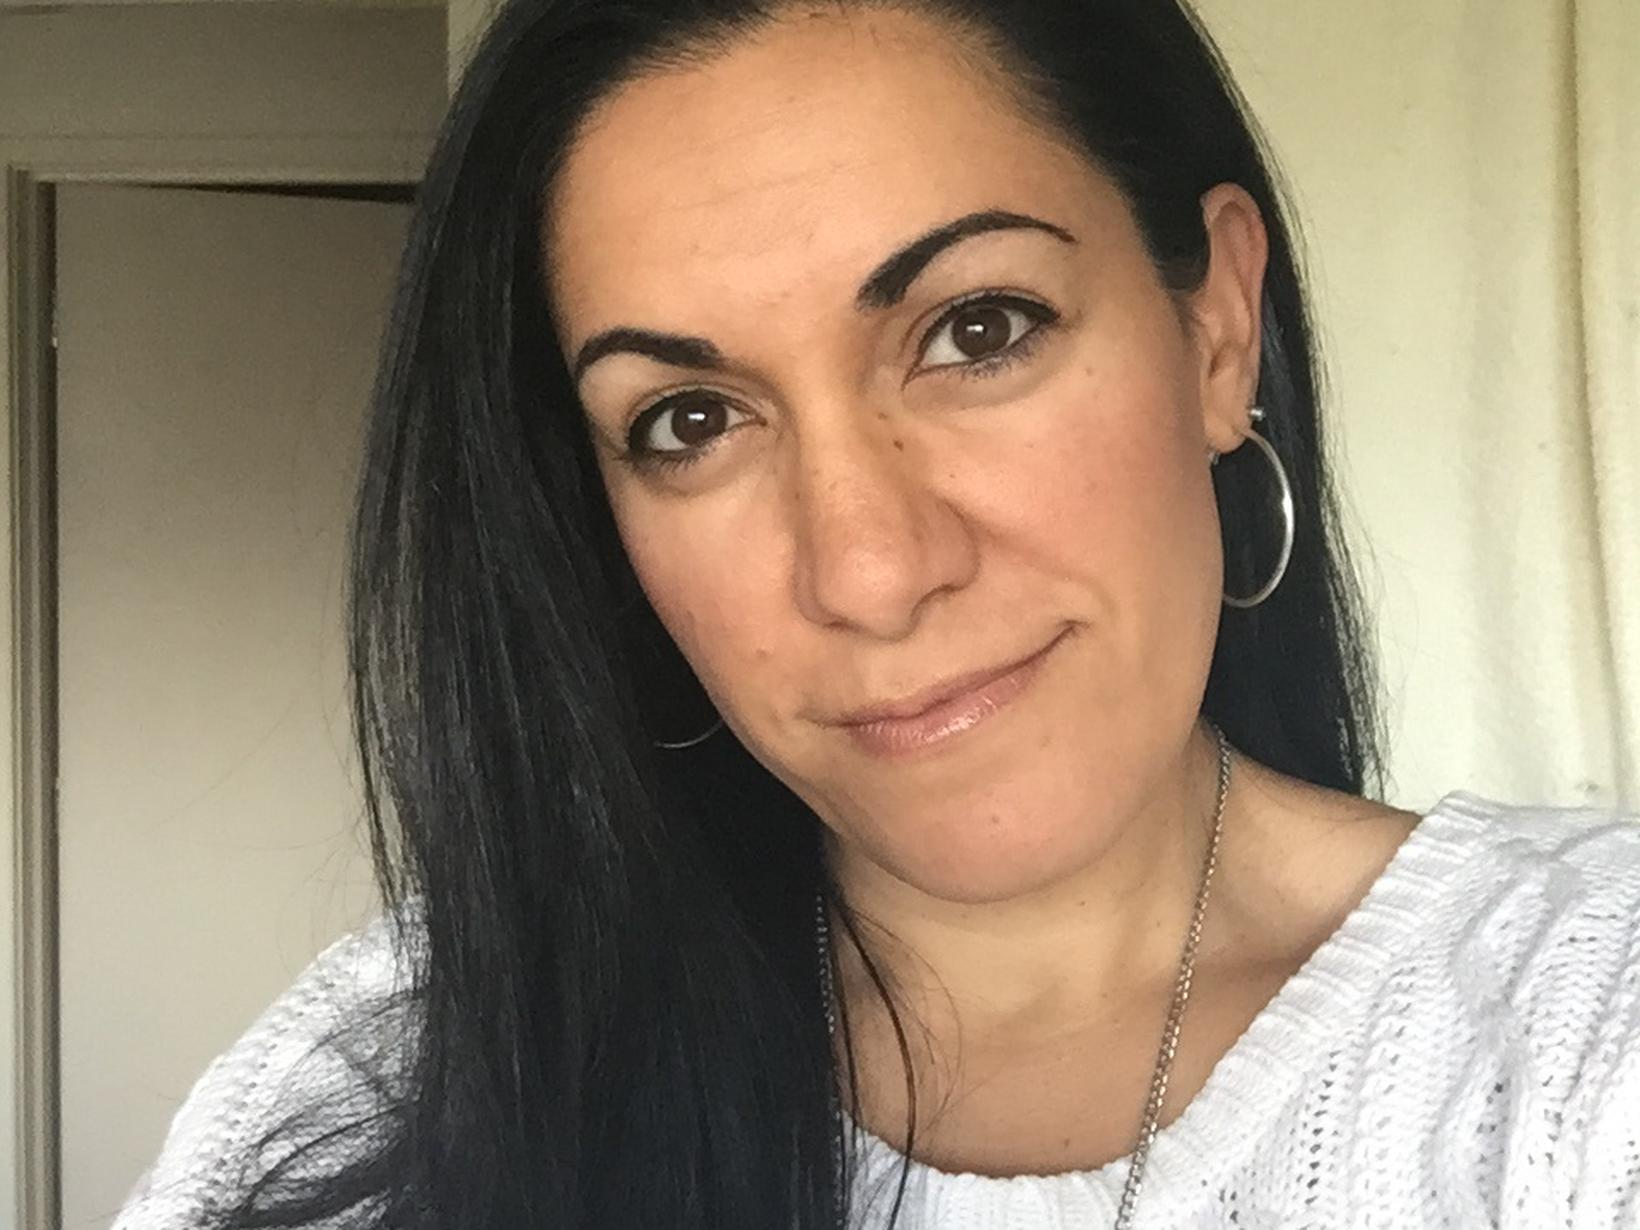 Laura from Melbourne, Victoria, Australia